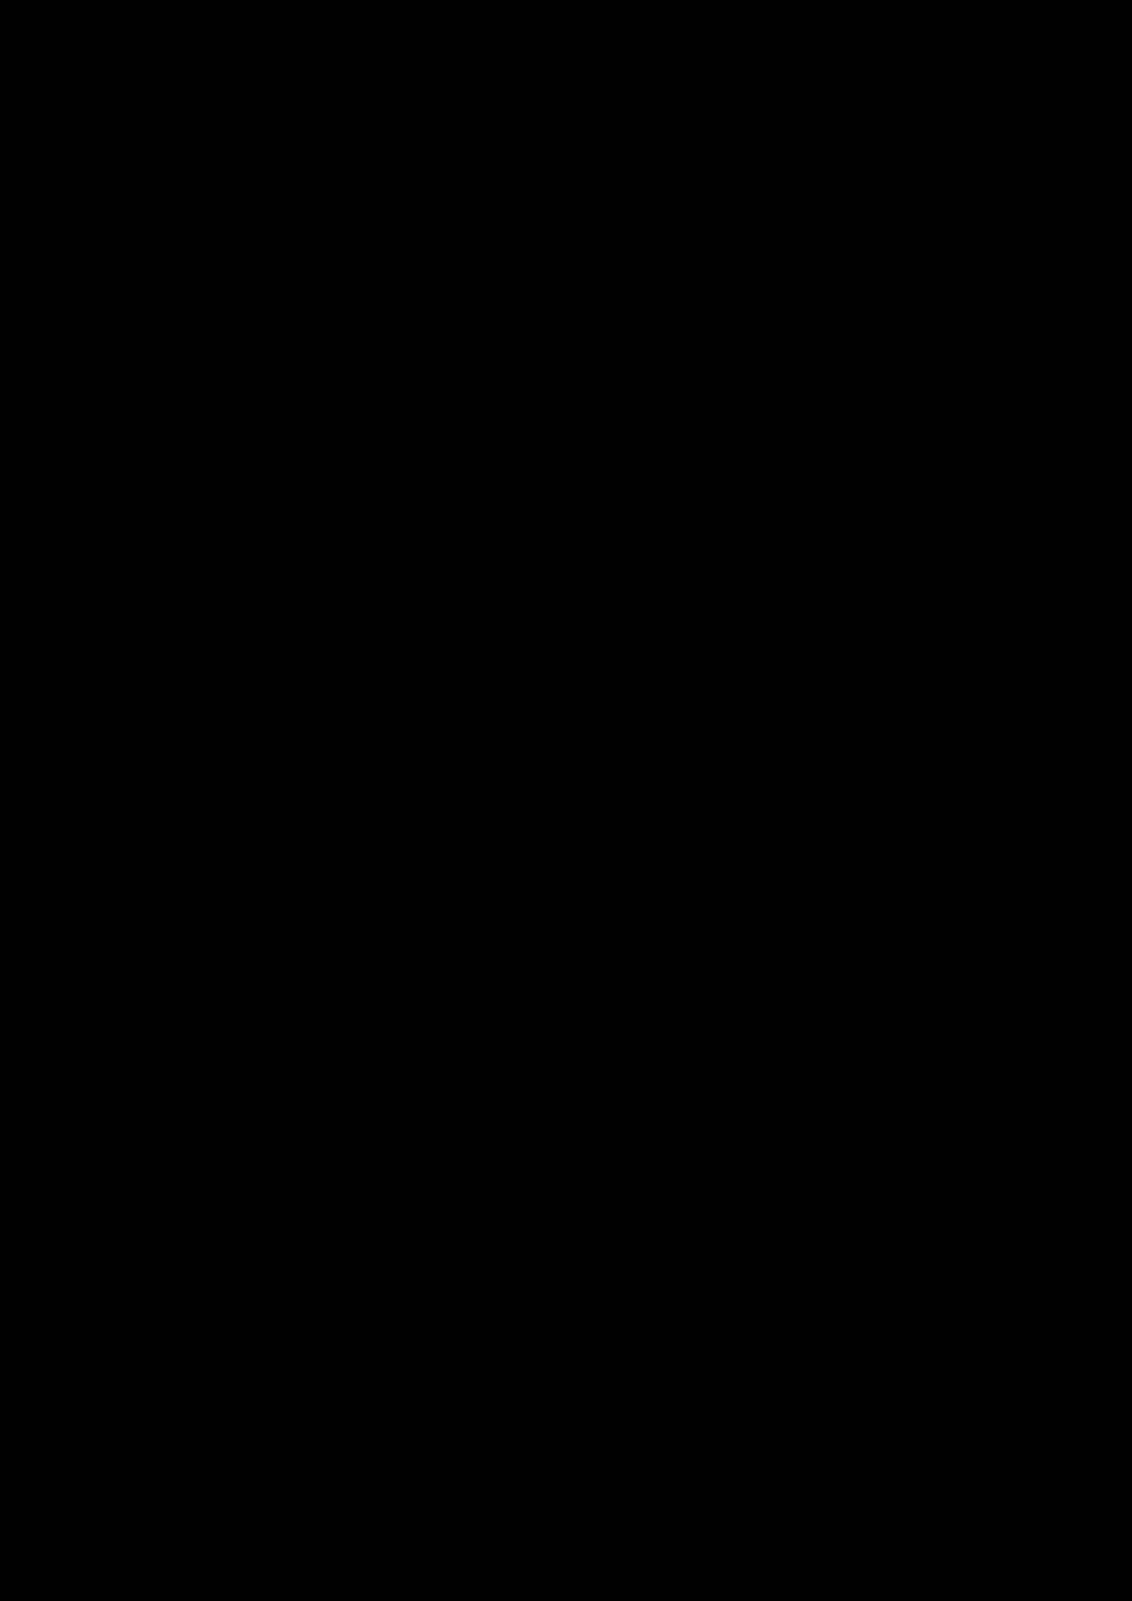 Serdtse slide, Image 28